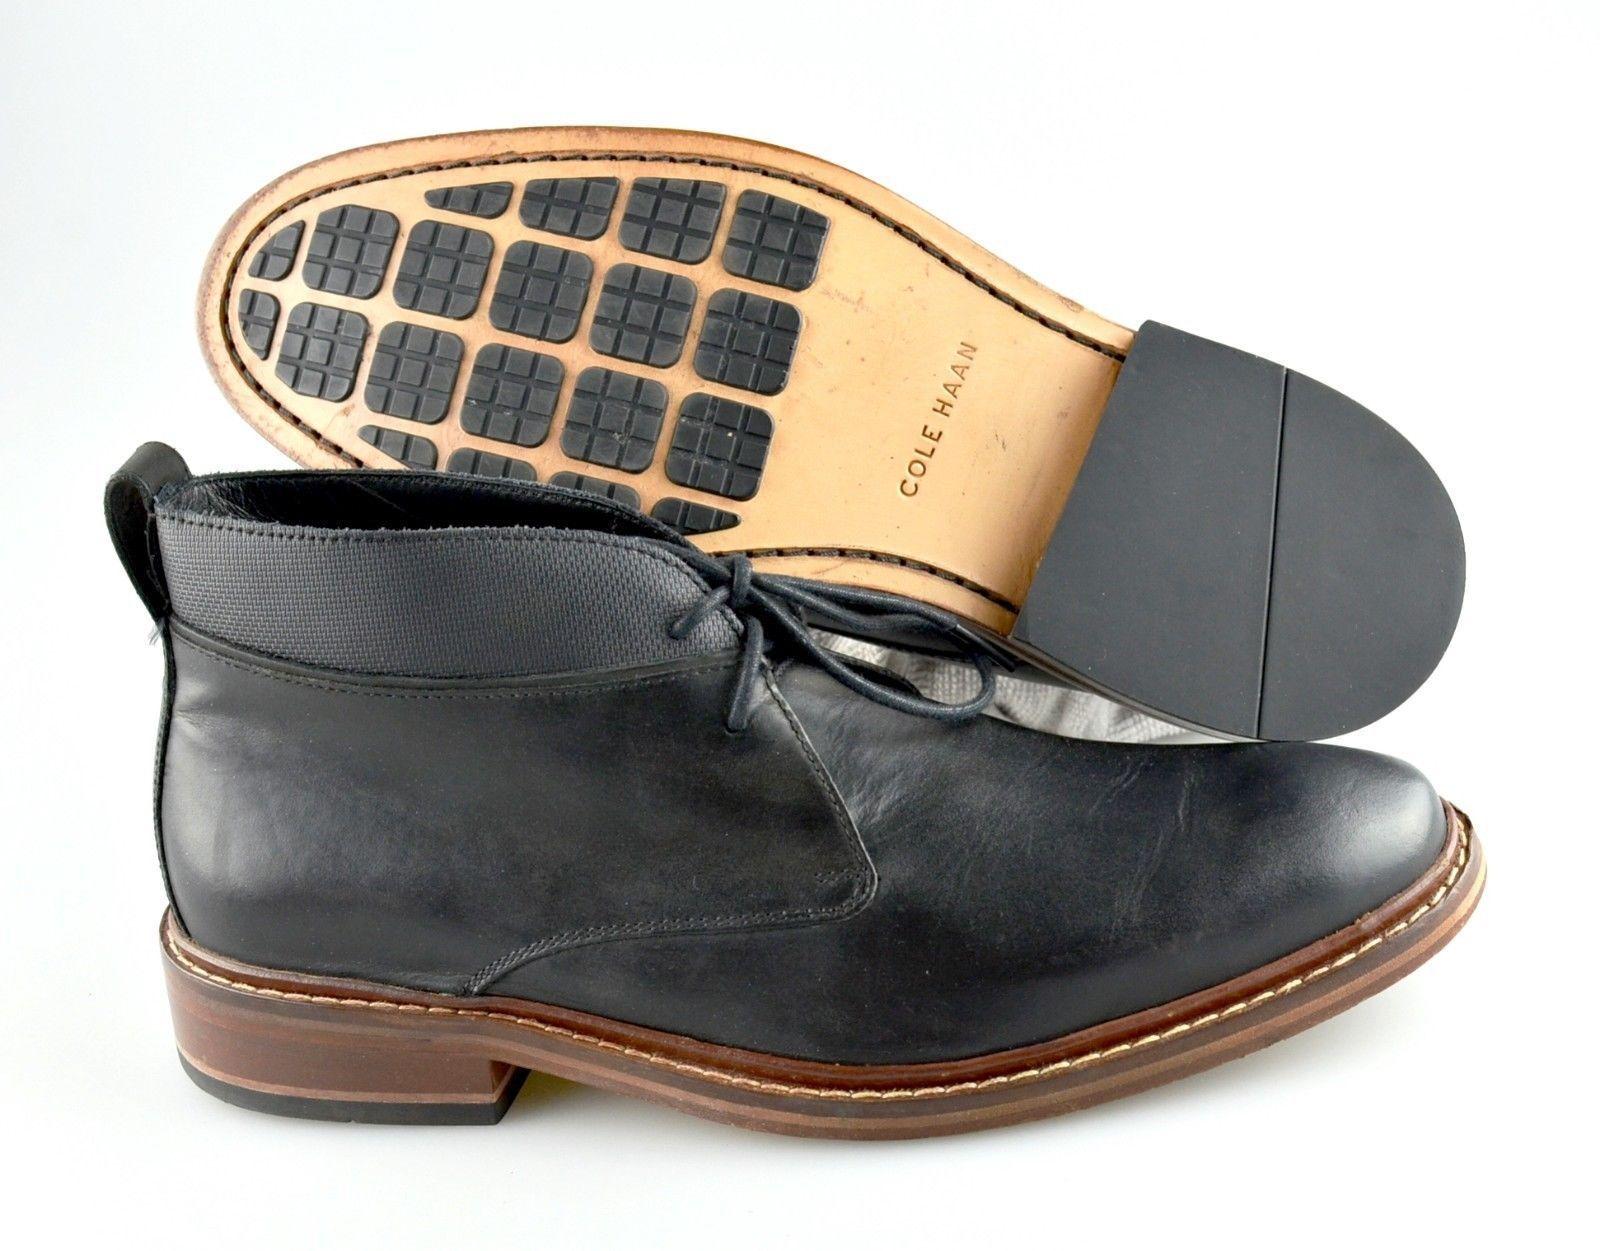 Men's COLE HAAN 'Colton' Negros Cuero Chukka botas Tamaño nos 8.5 - D